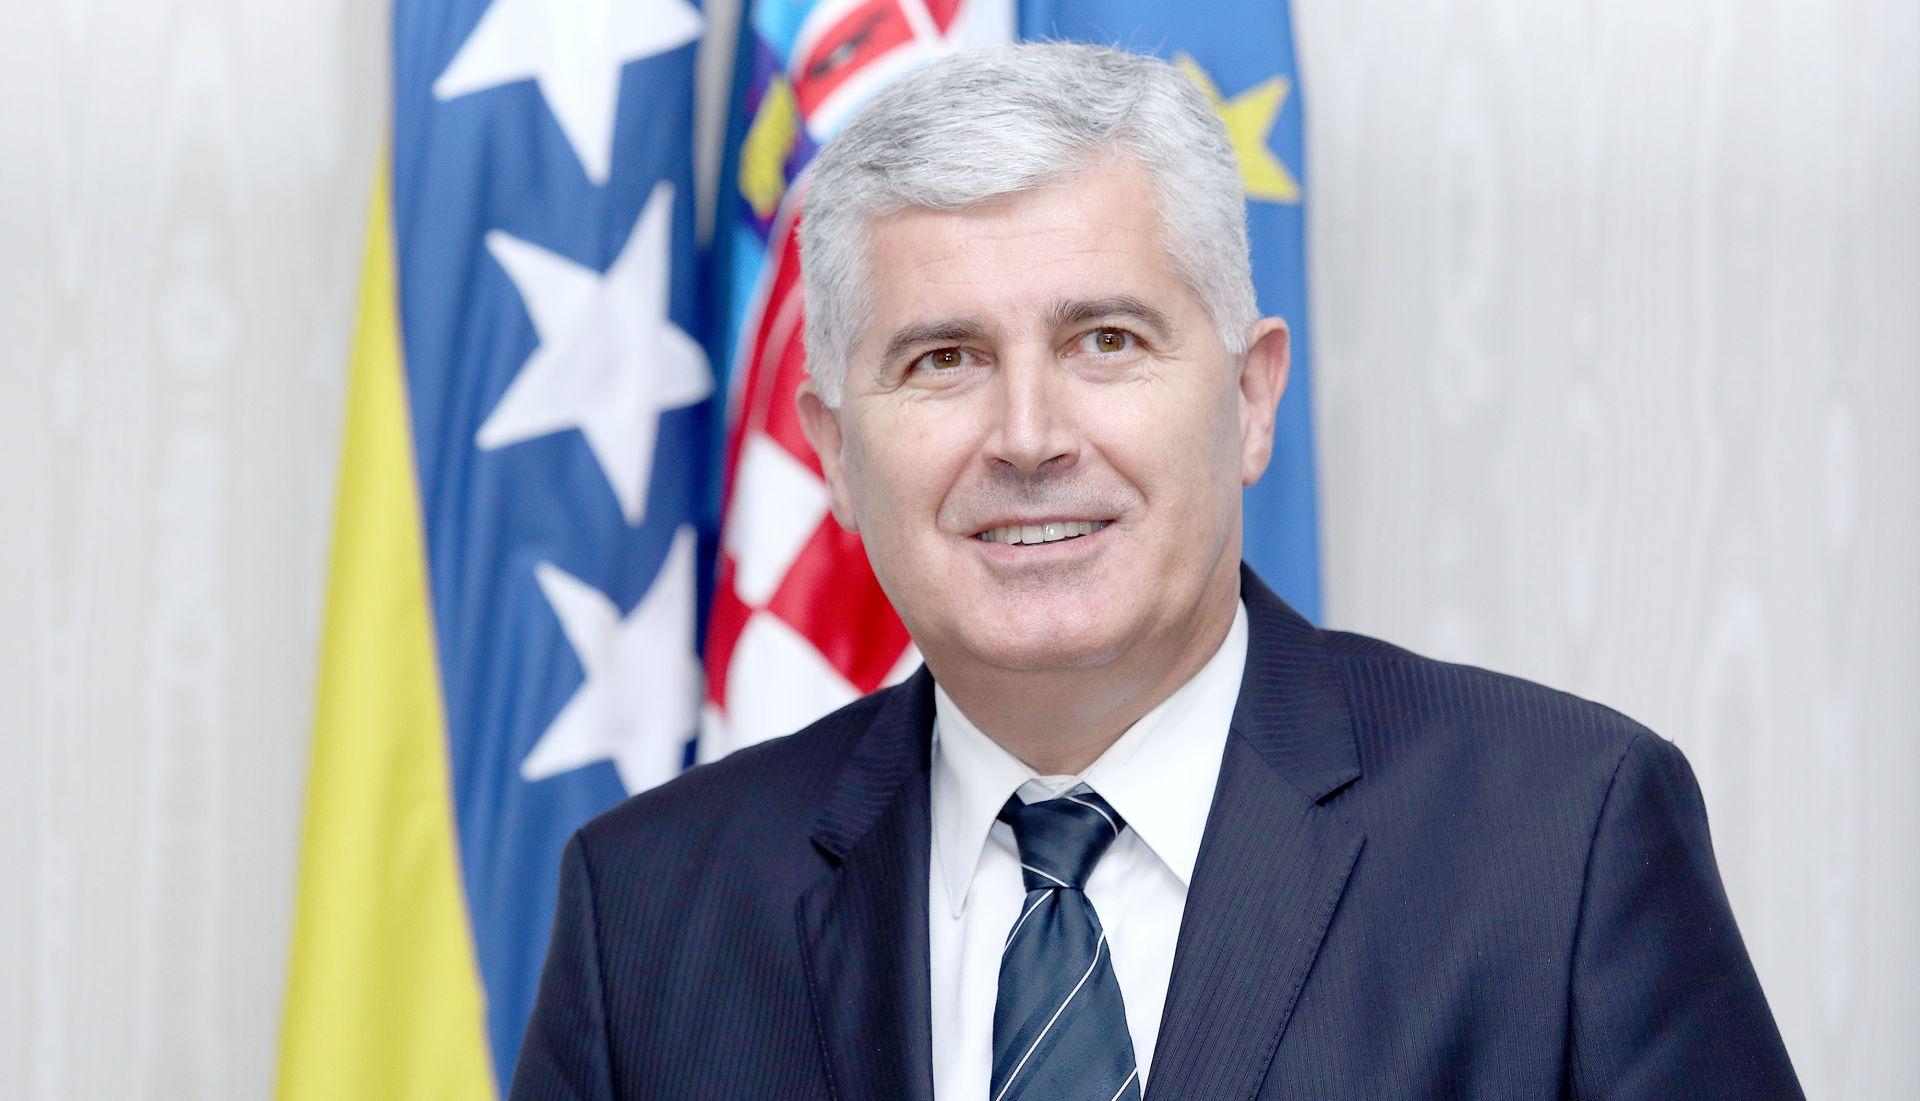 Čović u pismu čelnicima EU-a kaže da je nužna promjena izbornog zakonodavstva BiH koja razvlašćuje Hrvate